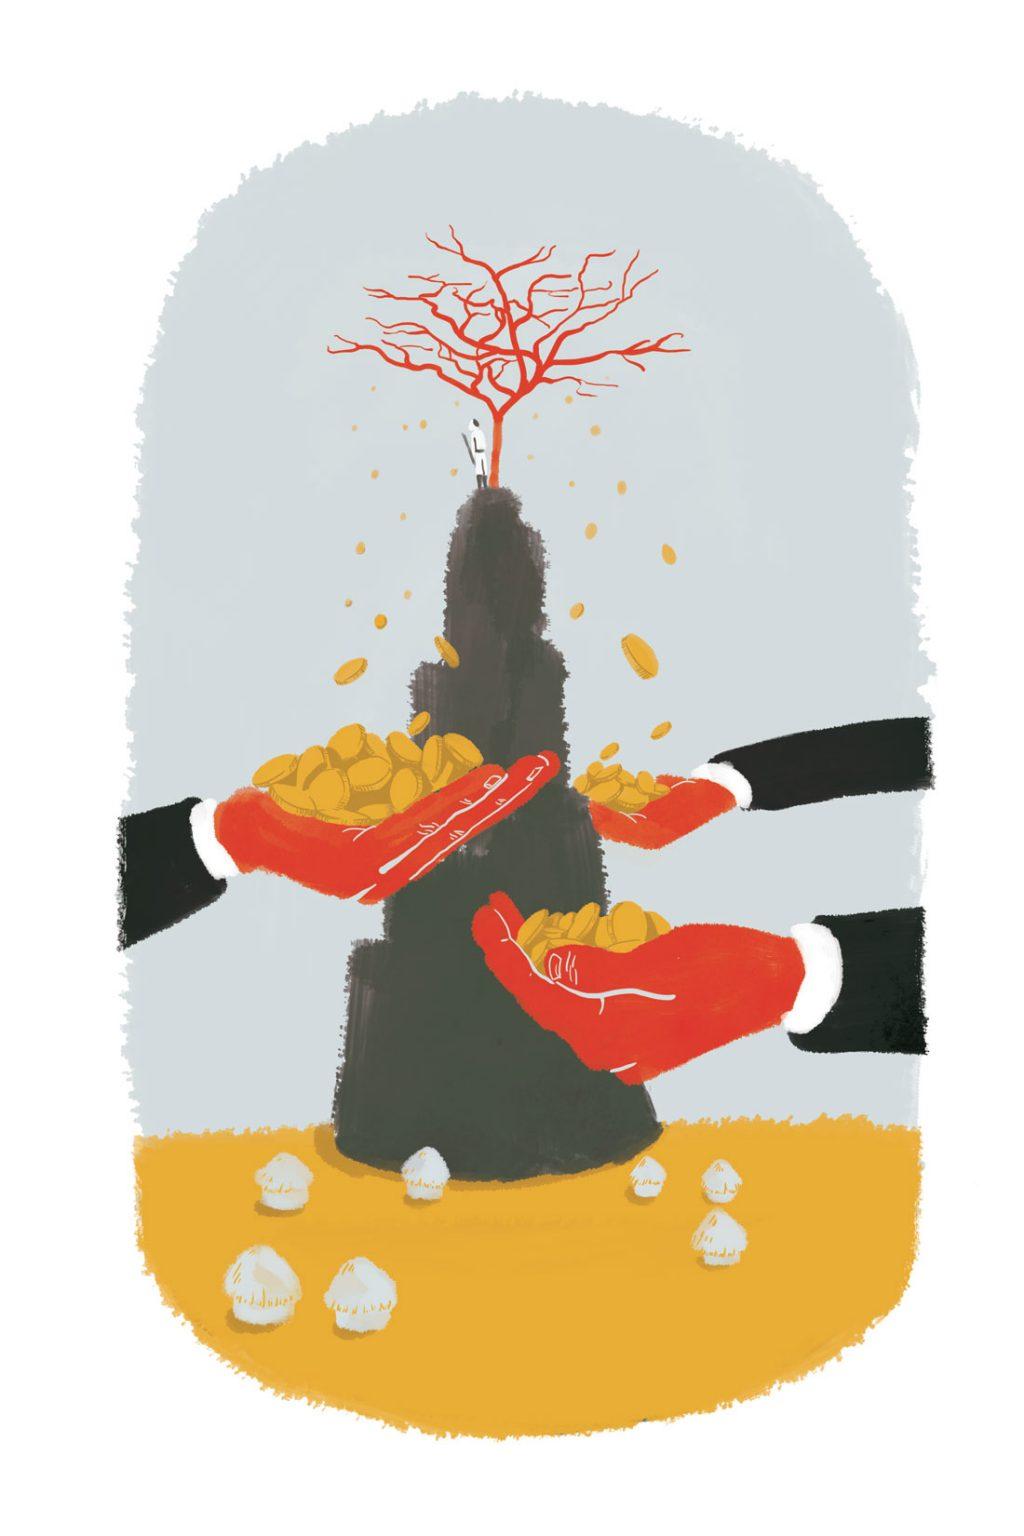 Illustration traitant de l'exploitation de la gomme arabique pour un recueil de l'Esprit Libre